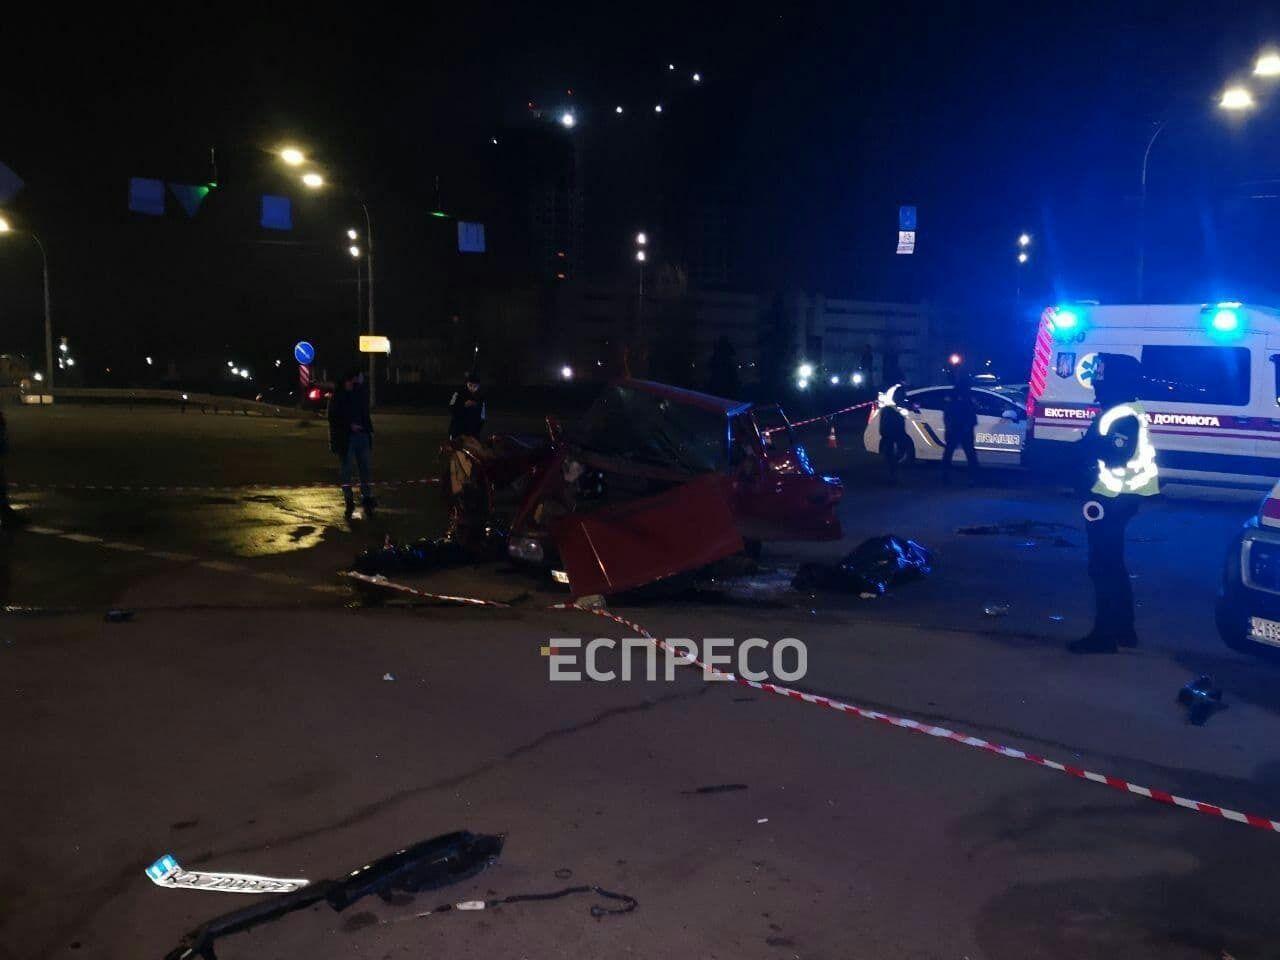 Розтрощене авто Skoda, яку протаранив п'яний водій Toyota Land Cruiser